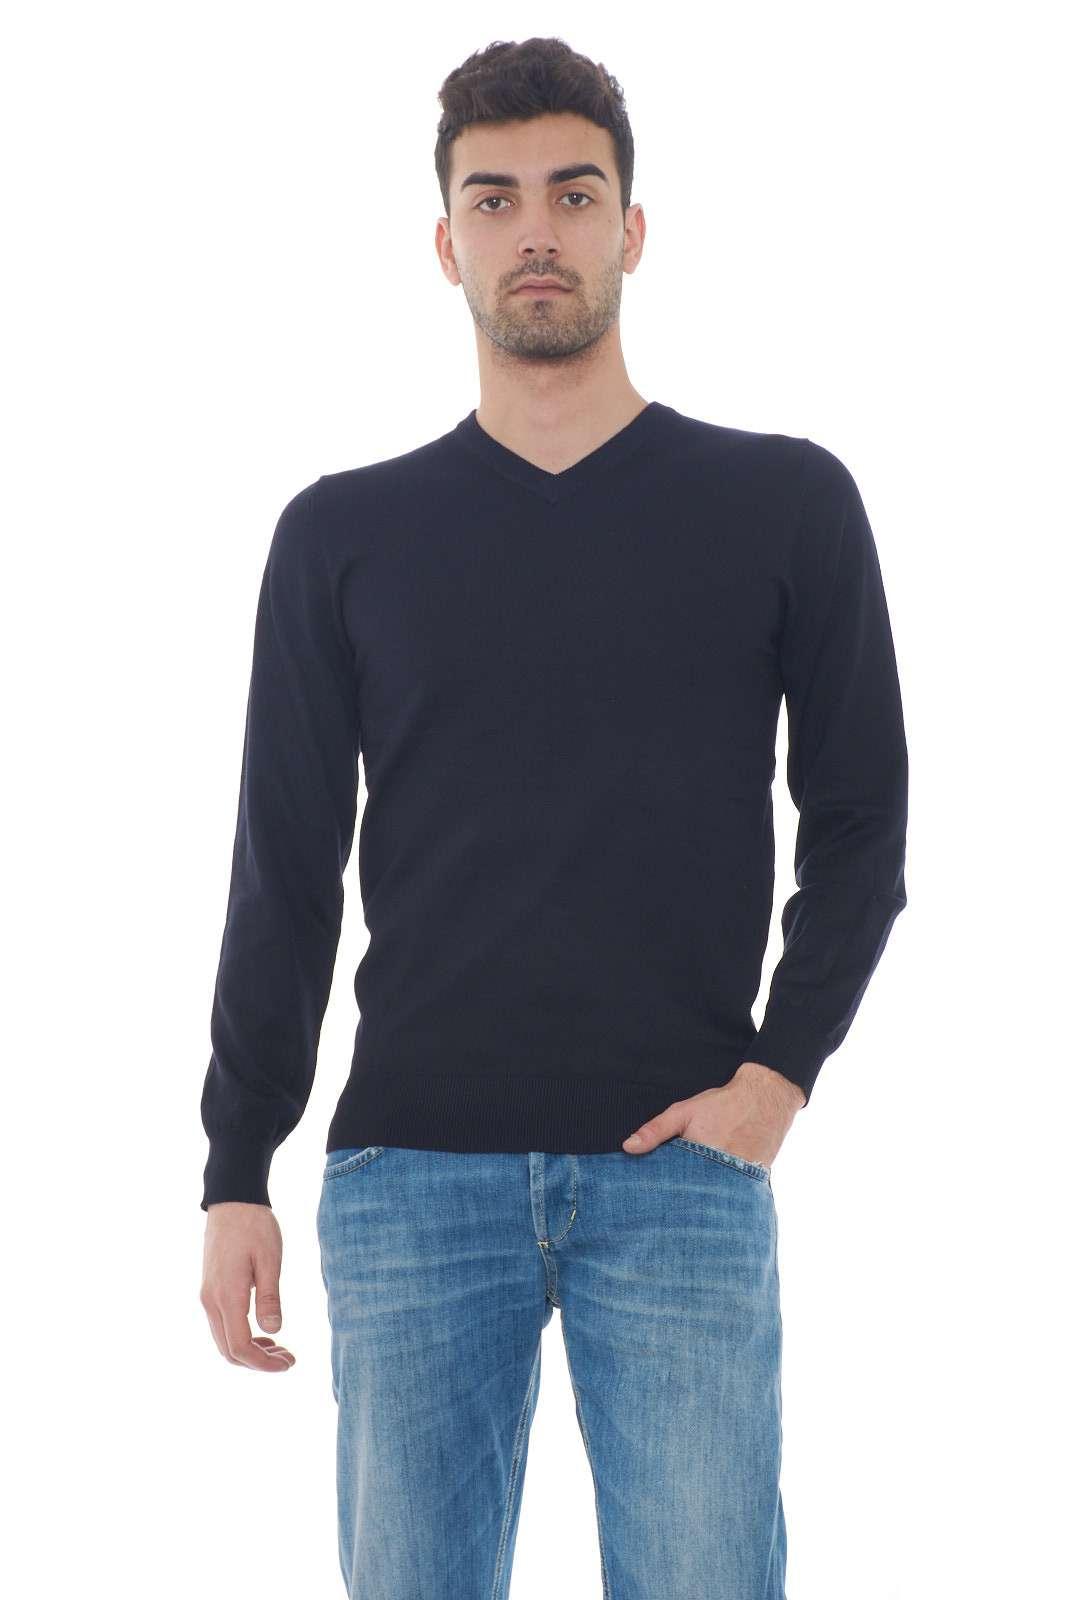 Una maglia casual e leggera, perfetta per le giornate primaverili, o le fresche sere d'estate. Da indossare con camicia e pantaloni, per outfit più elaborati, o con un jeans, per look più casual e veloci. Il modello è alto 1.80m e indossa la taglia M.